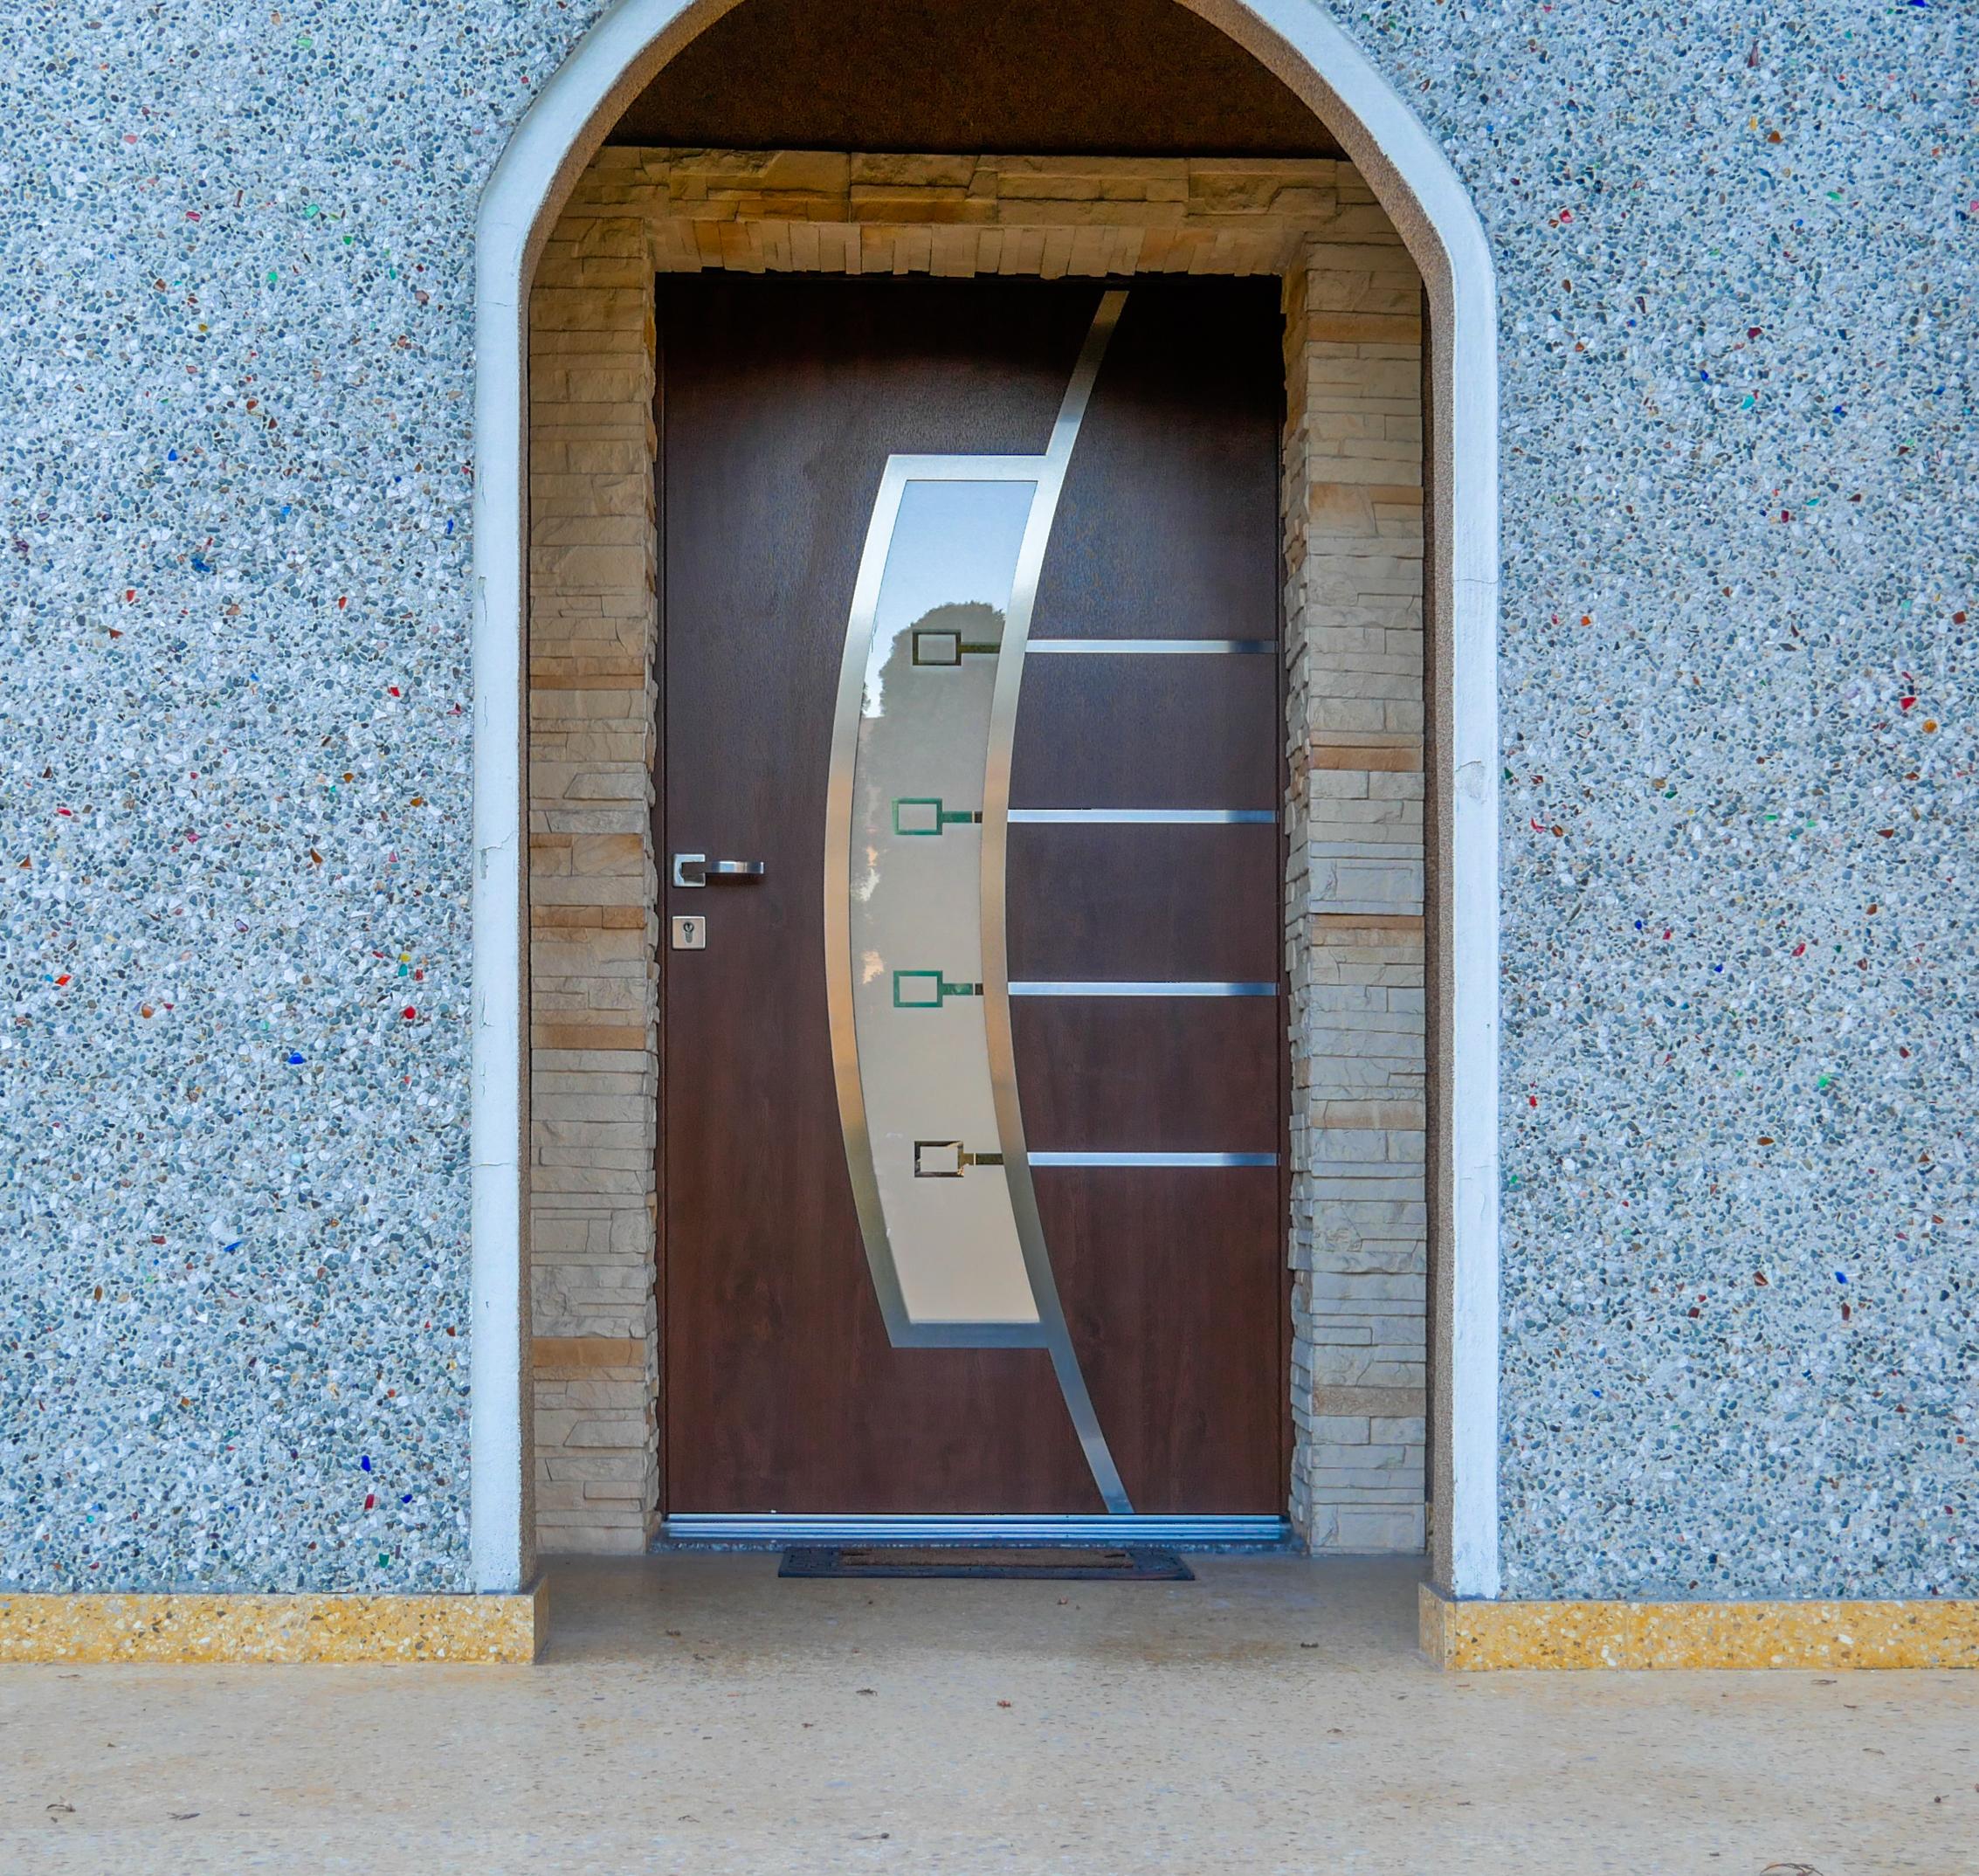 drzwi do domu molitor 4 (1 of 1)